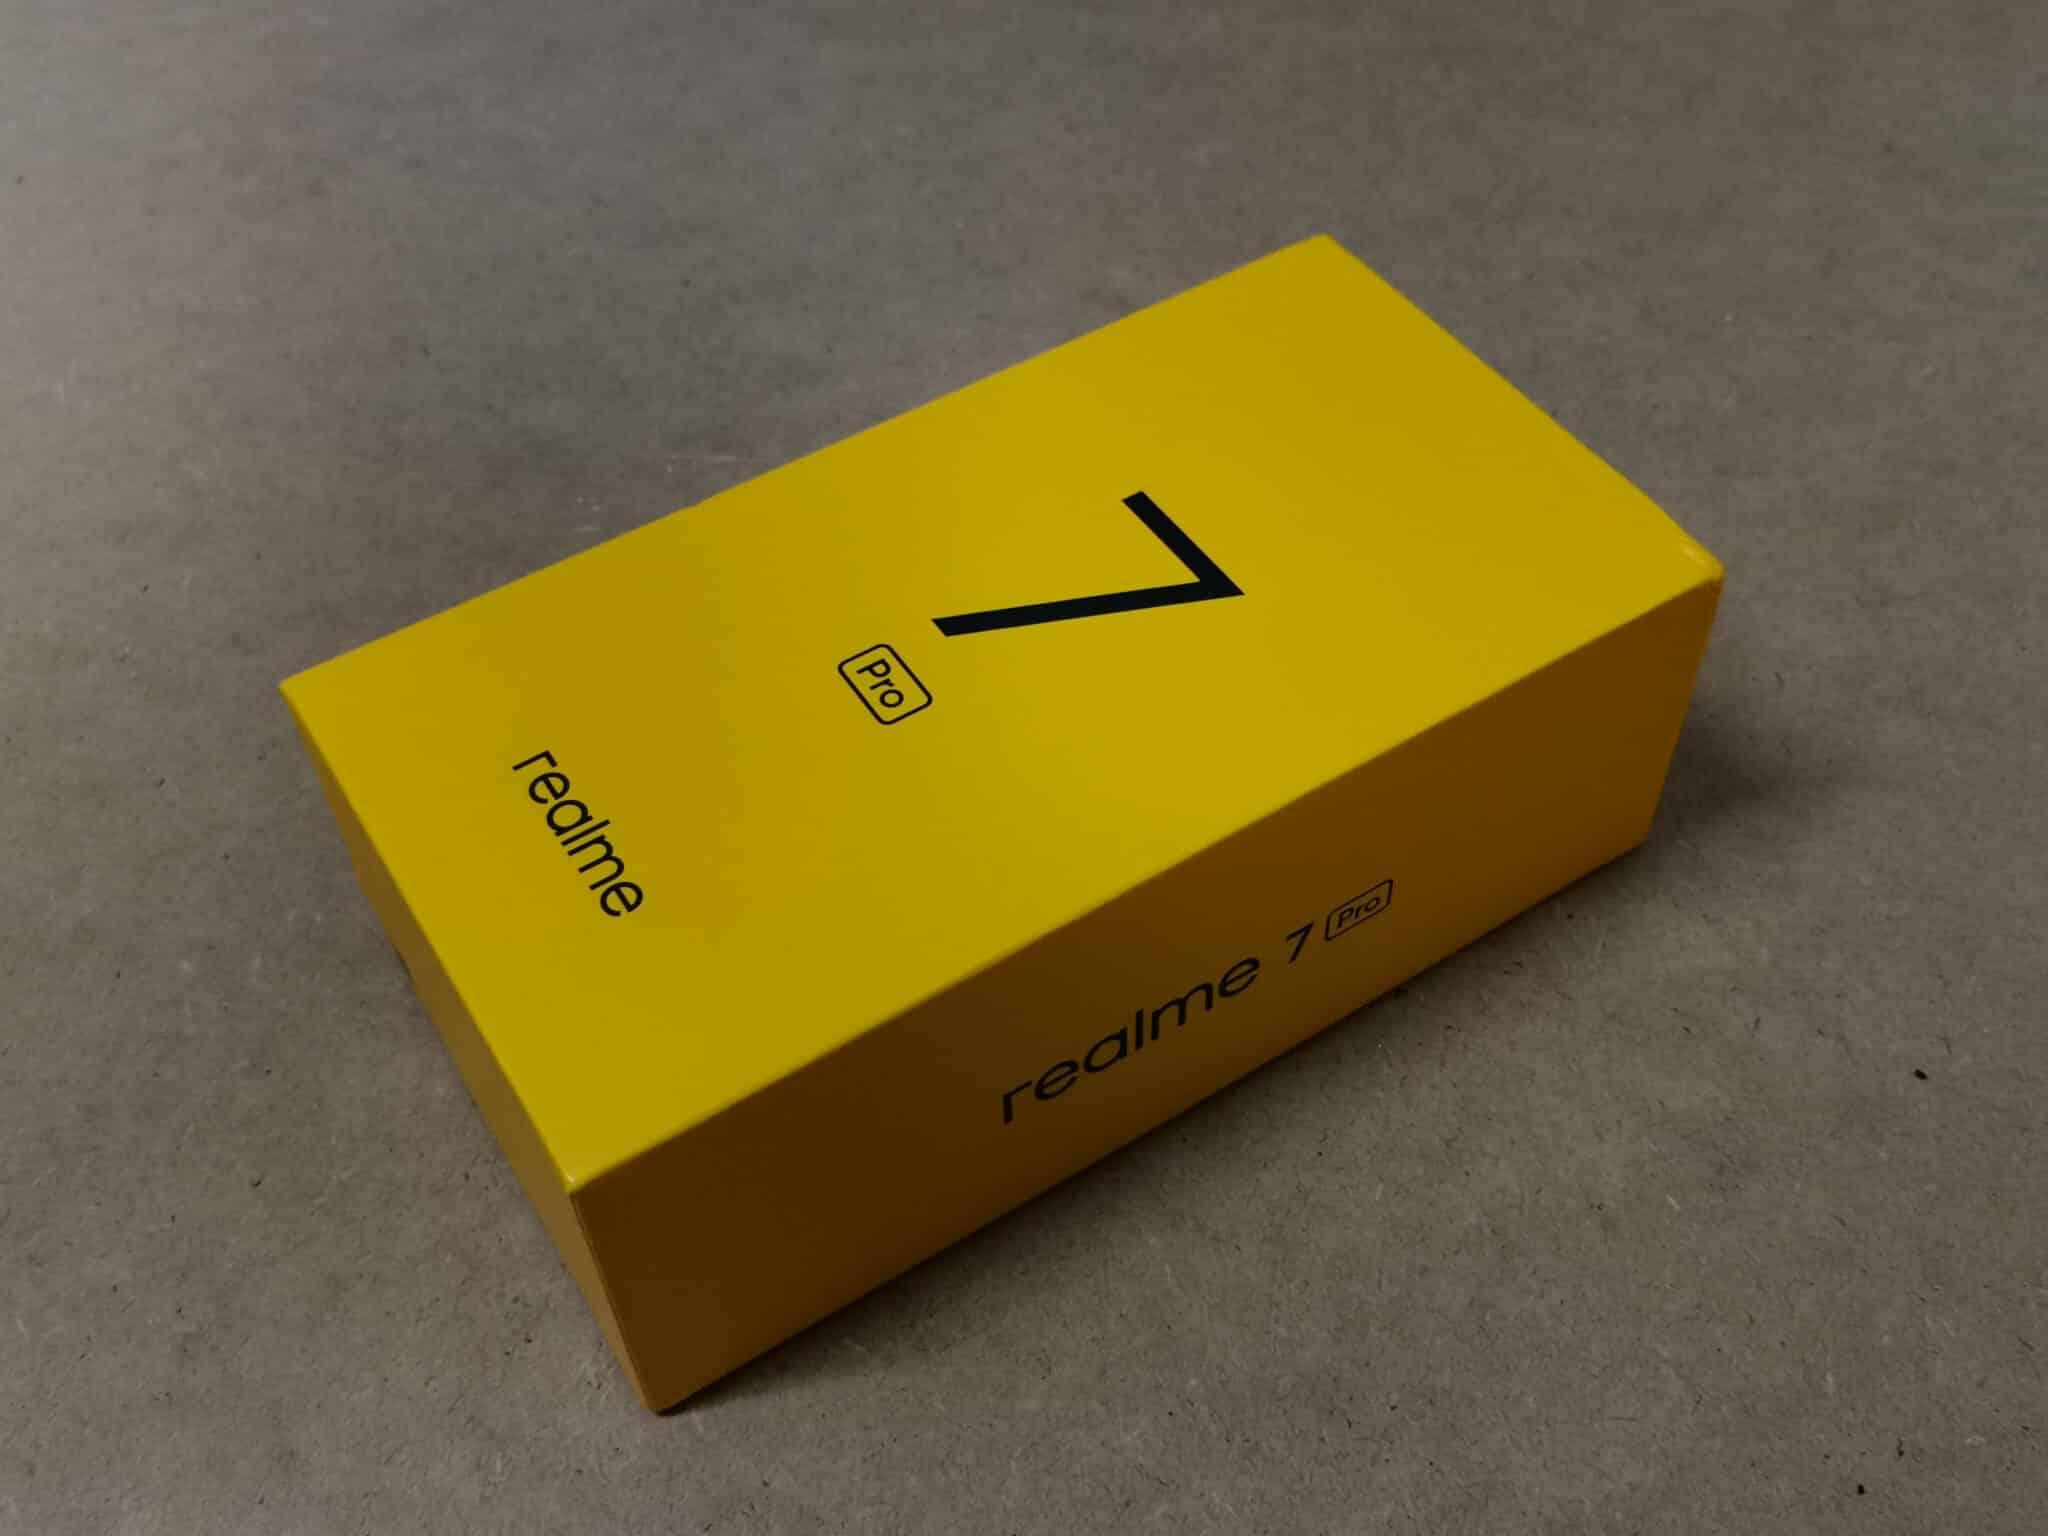 Realme 7 Pro boite